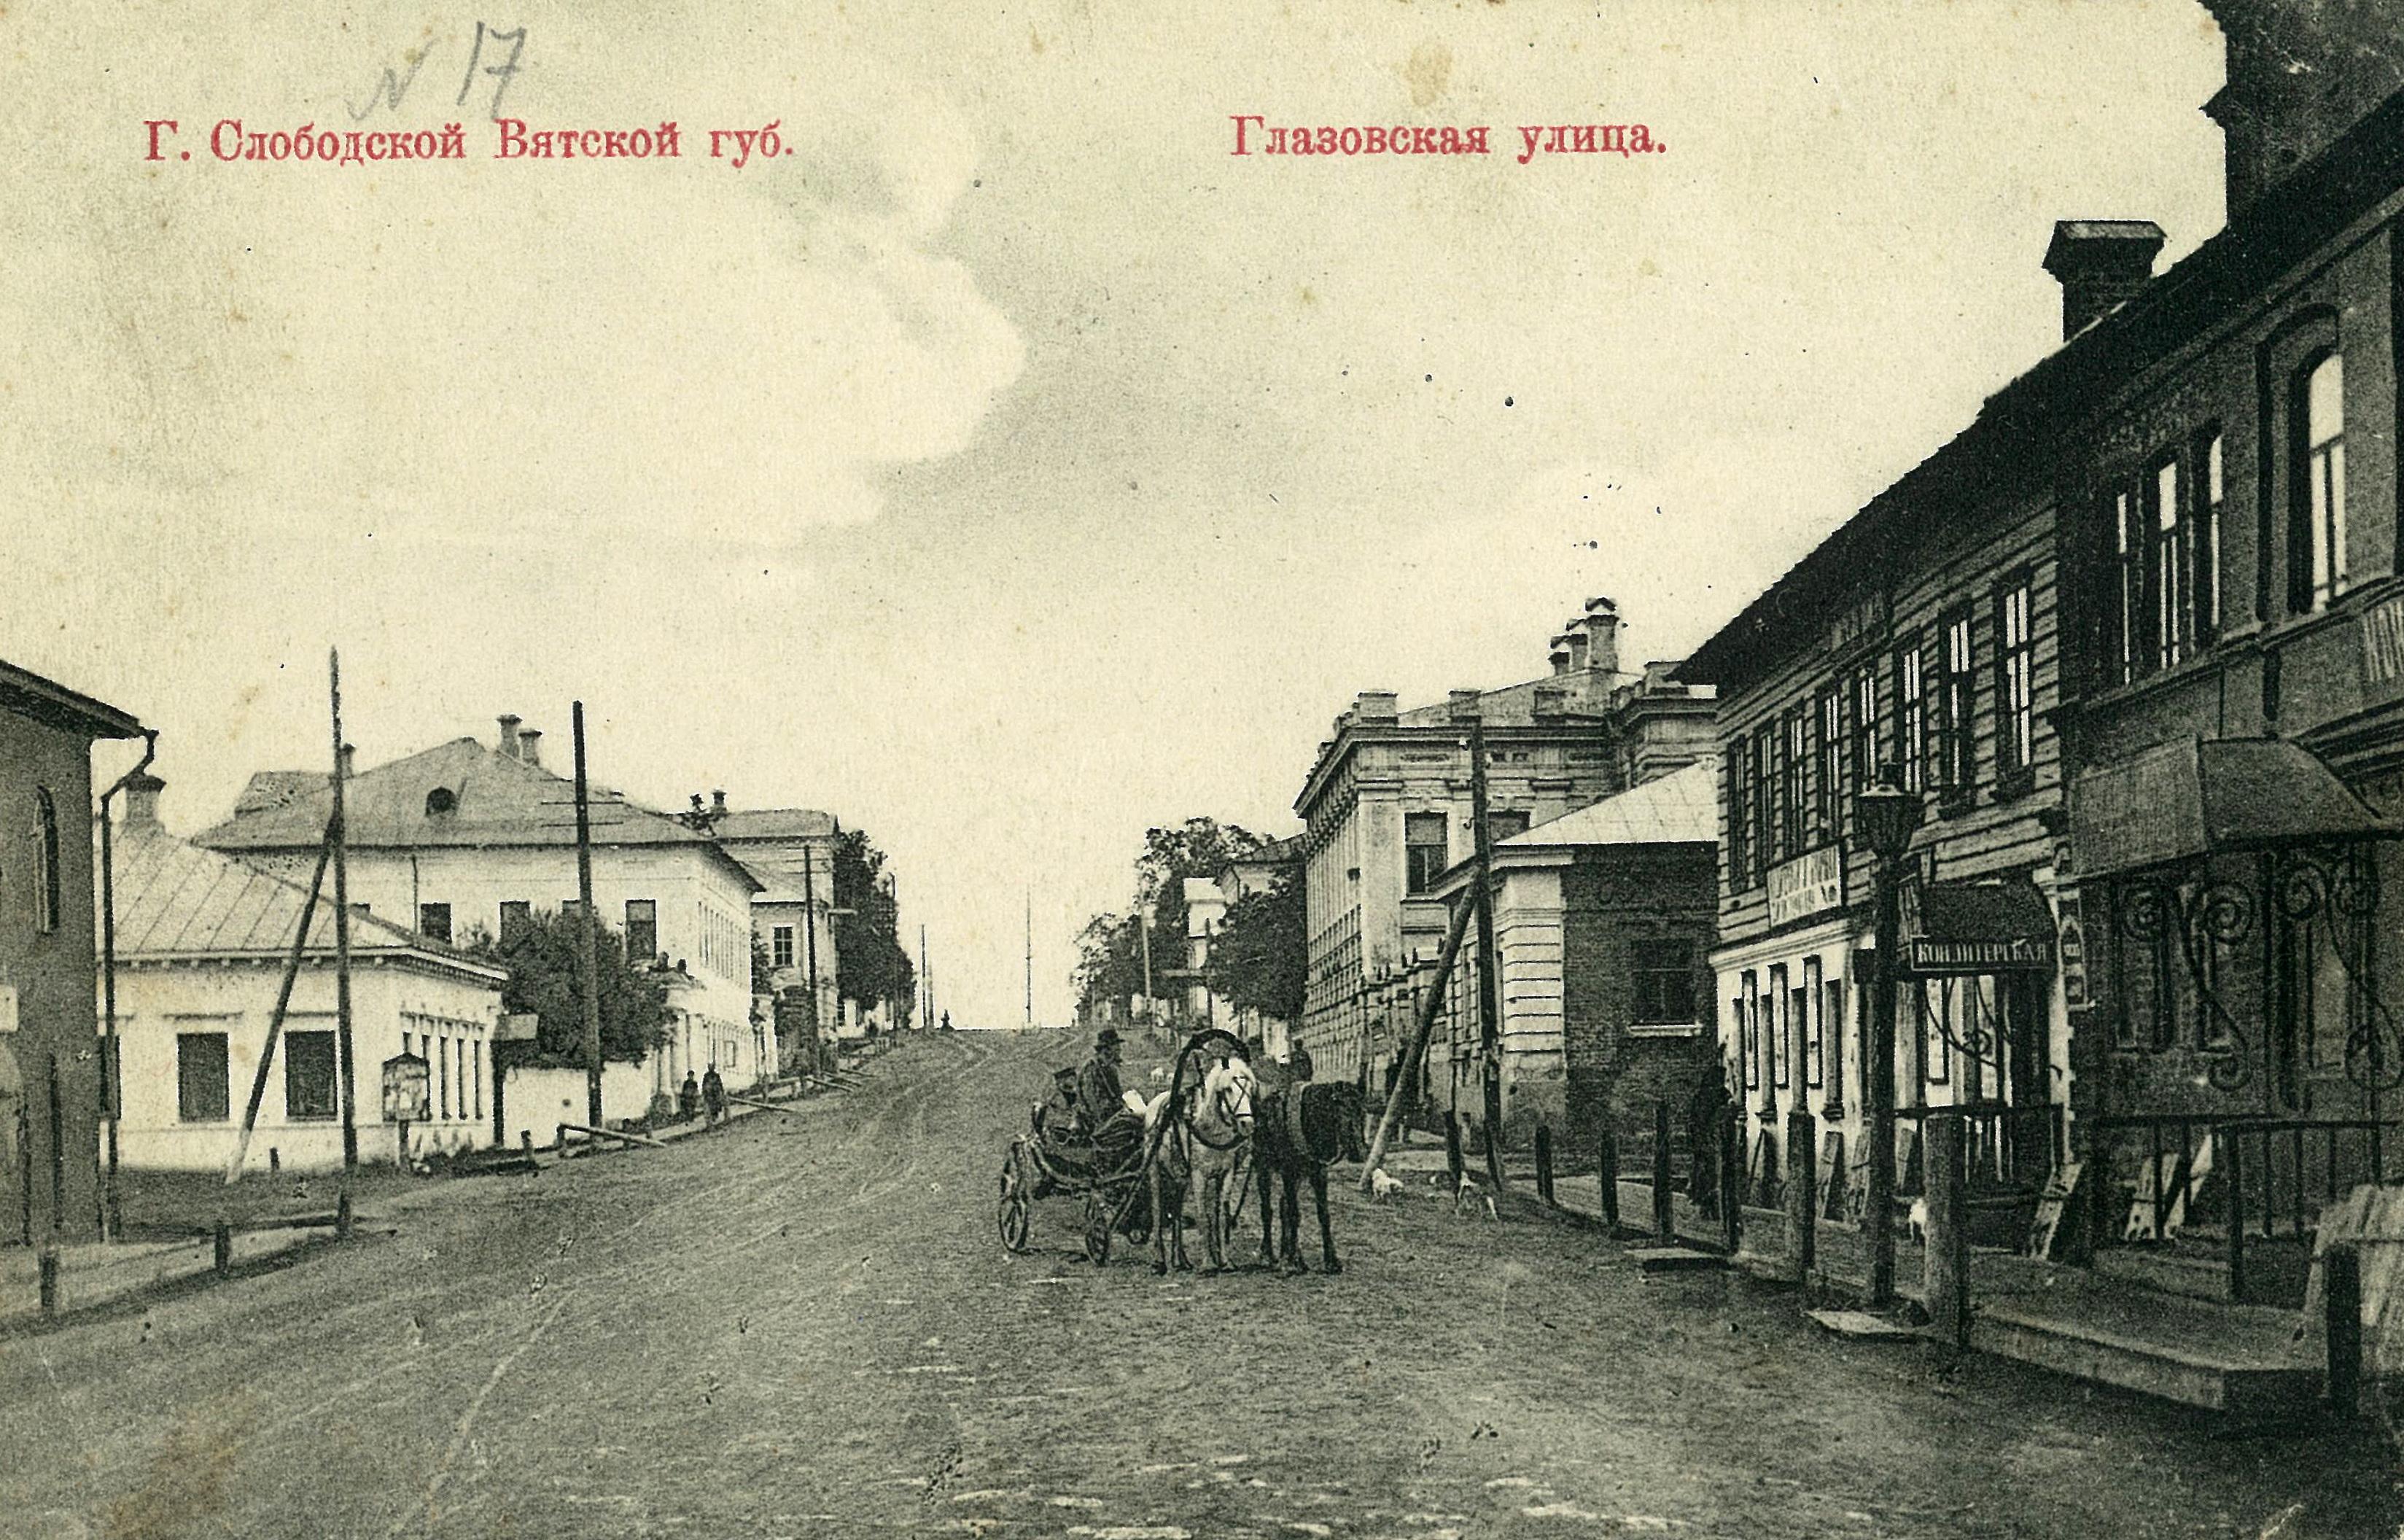 Глазовская улица